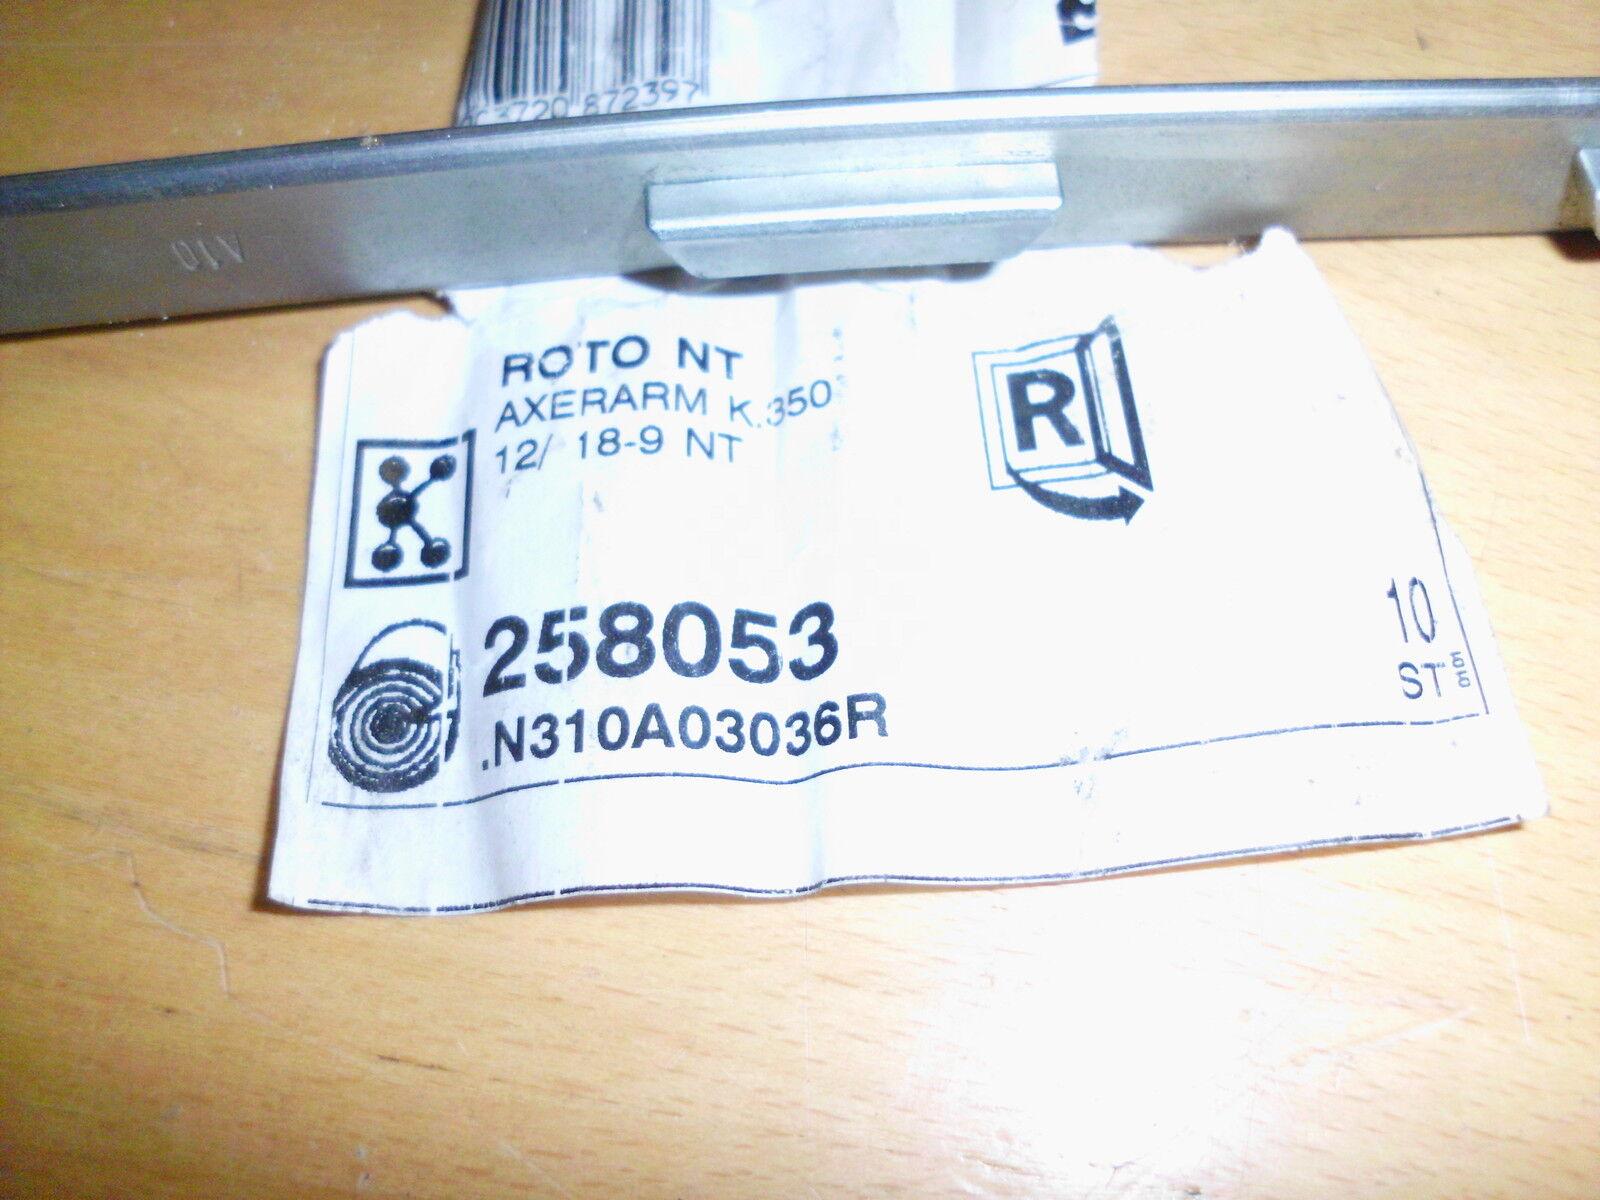 10 neue Roto NT NT NT Axerarm Axer Schere Gr. 350 Rechts neu 12 18-9 (36) M014 258053 | Deutschland Shop  636ab2